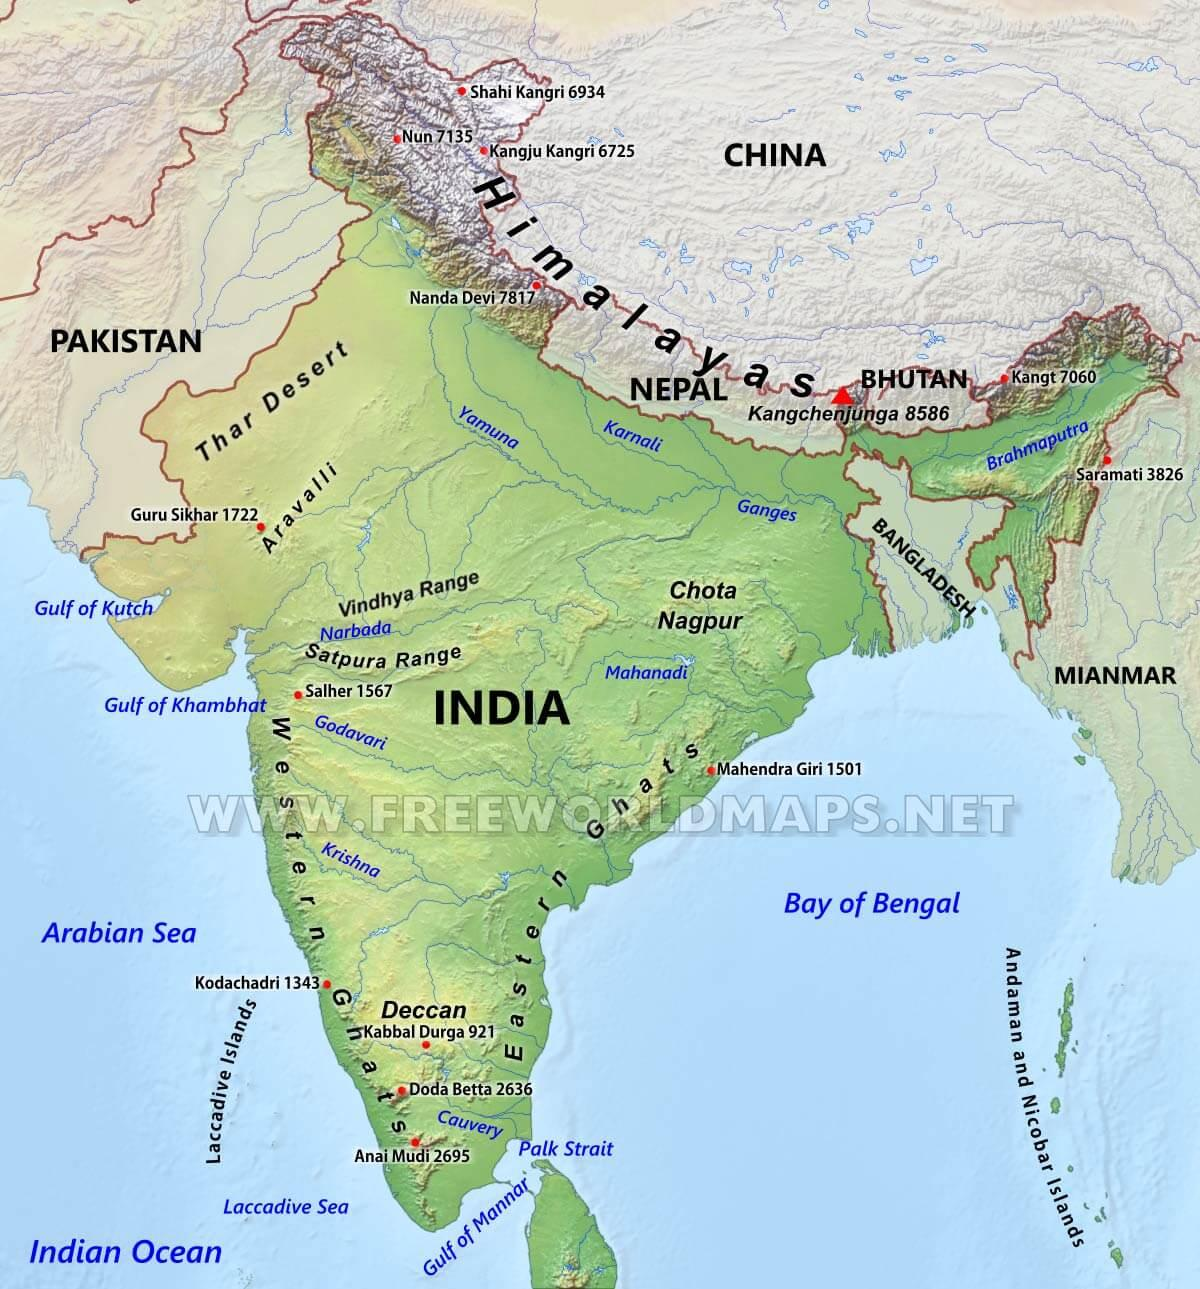 Hegyvonulatok India Terkep Hegyvonulatok Terkep India Del Azsia